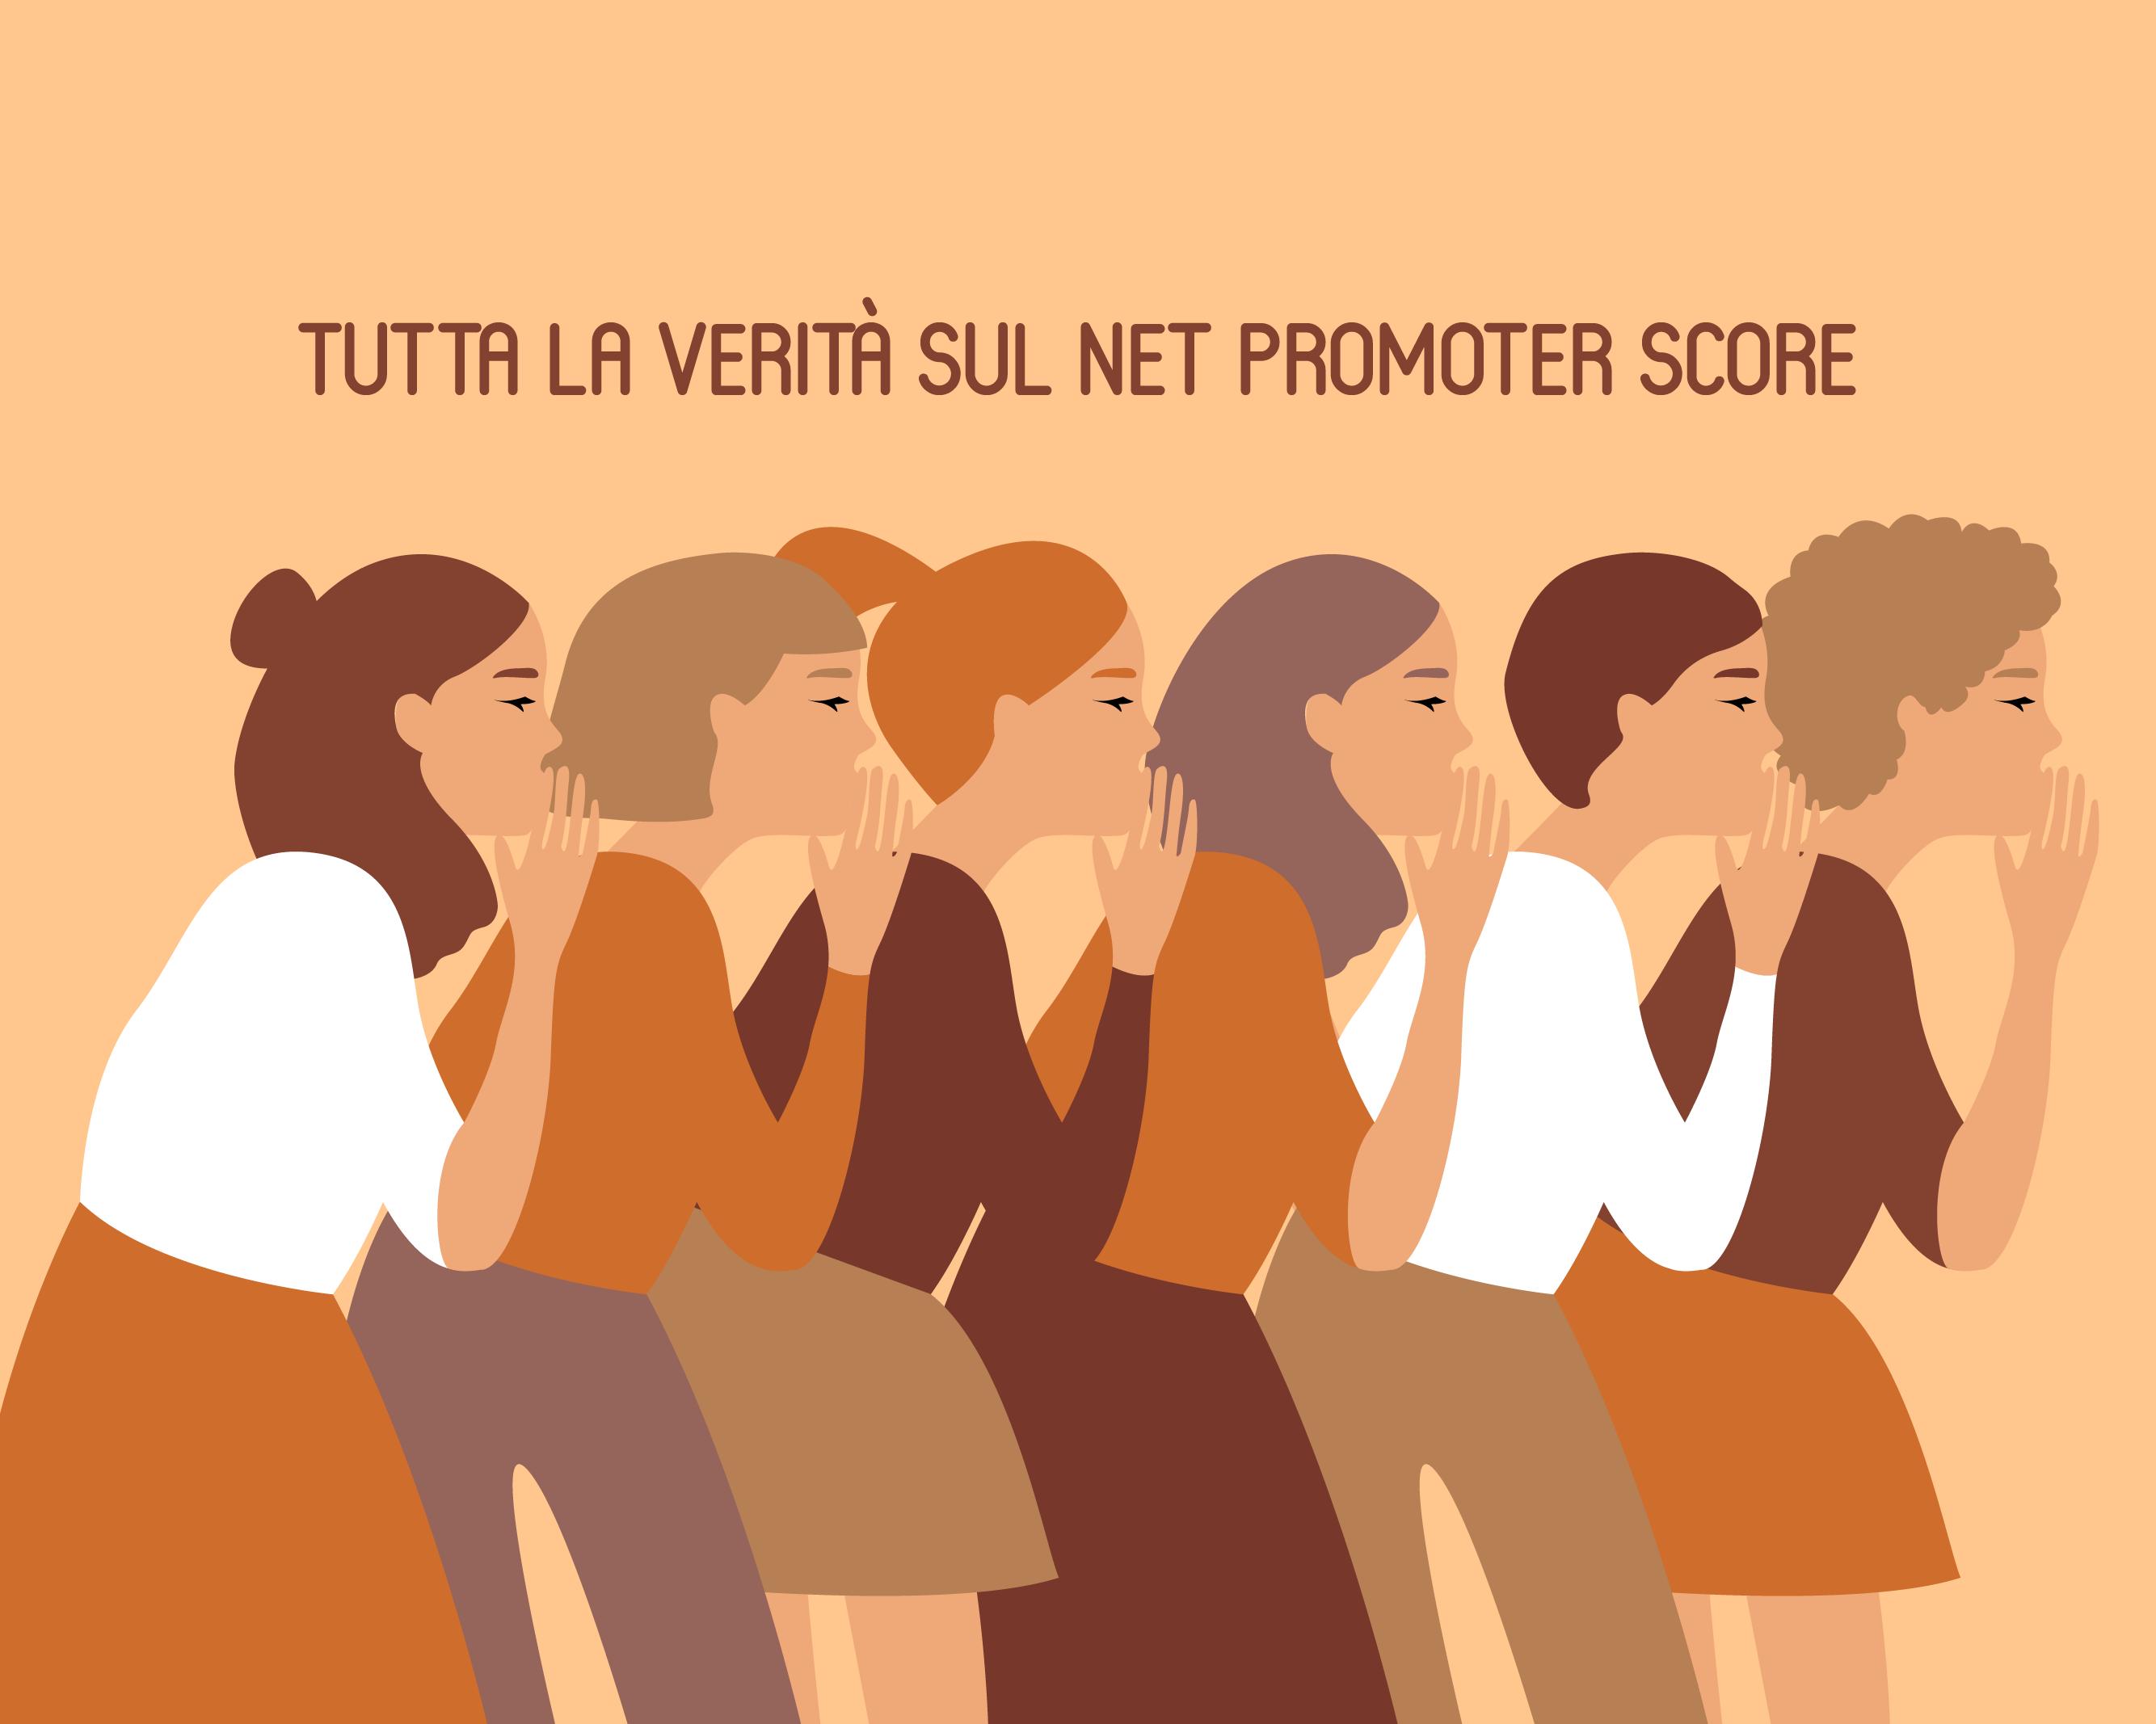 Tutta la verità sul Net Promoter Score